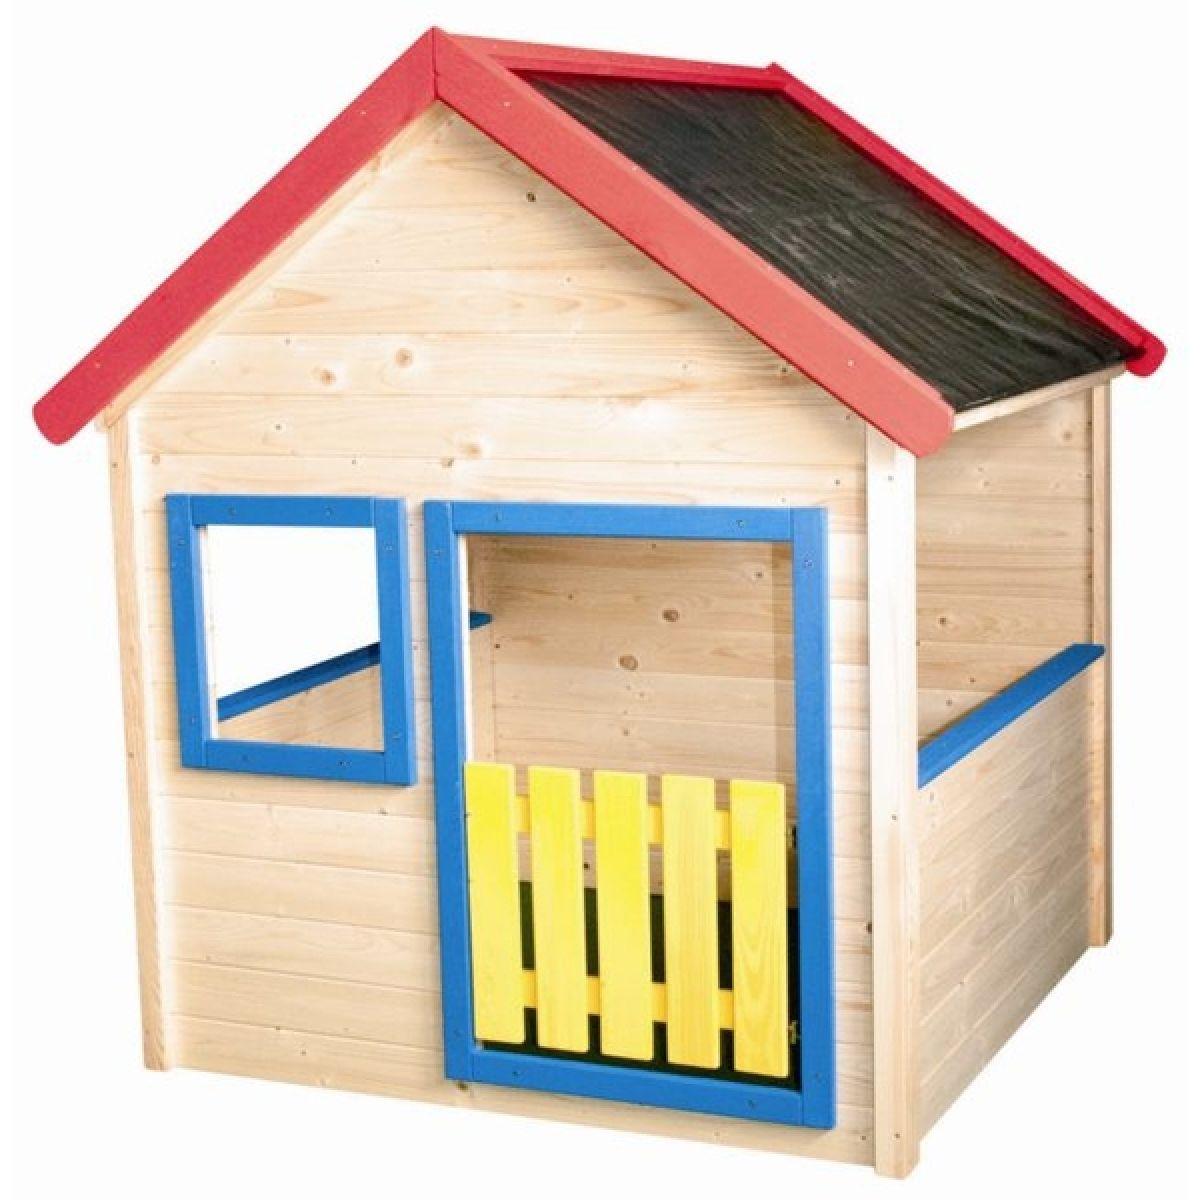 Woody Zahradní domeček dřevěný s barevným lemováním